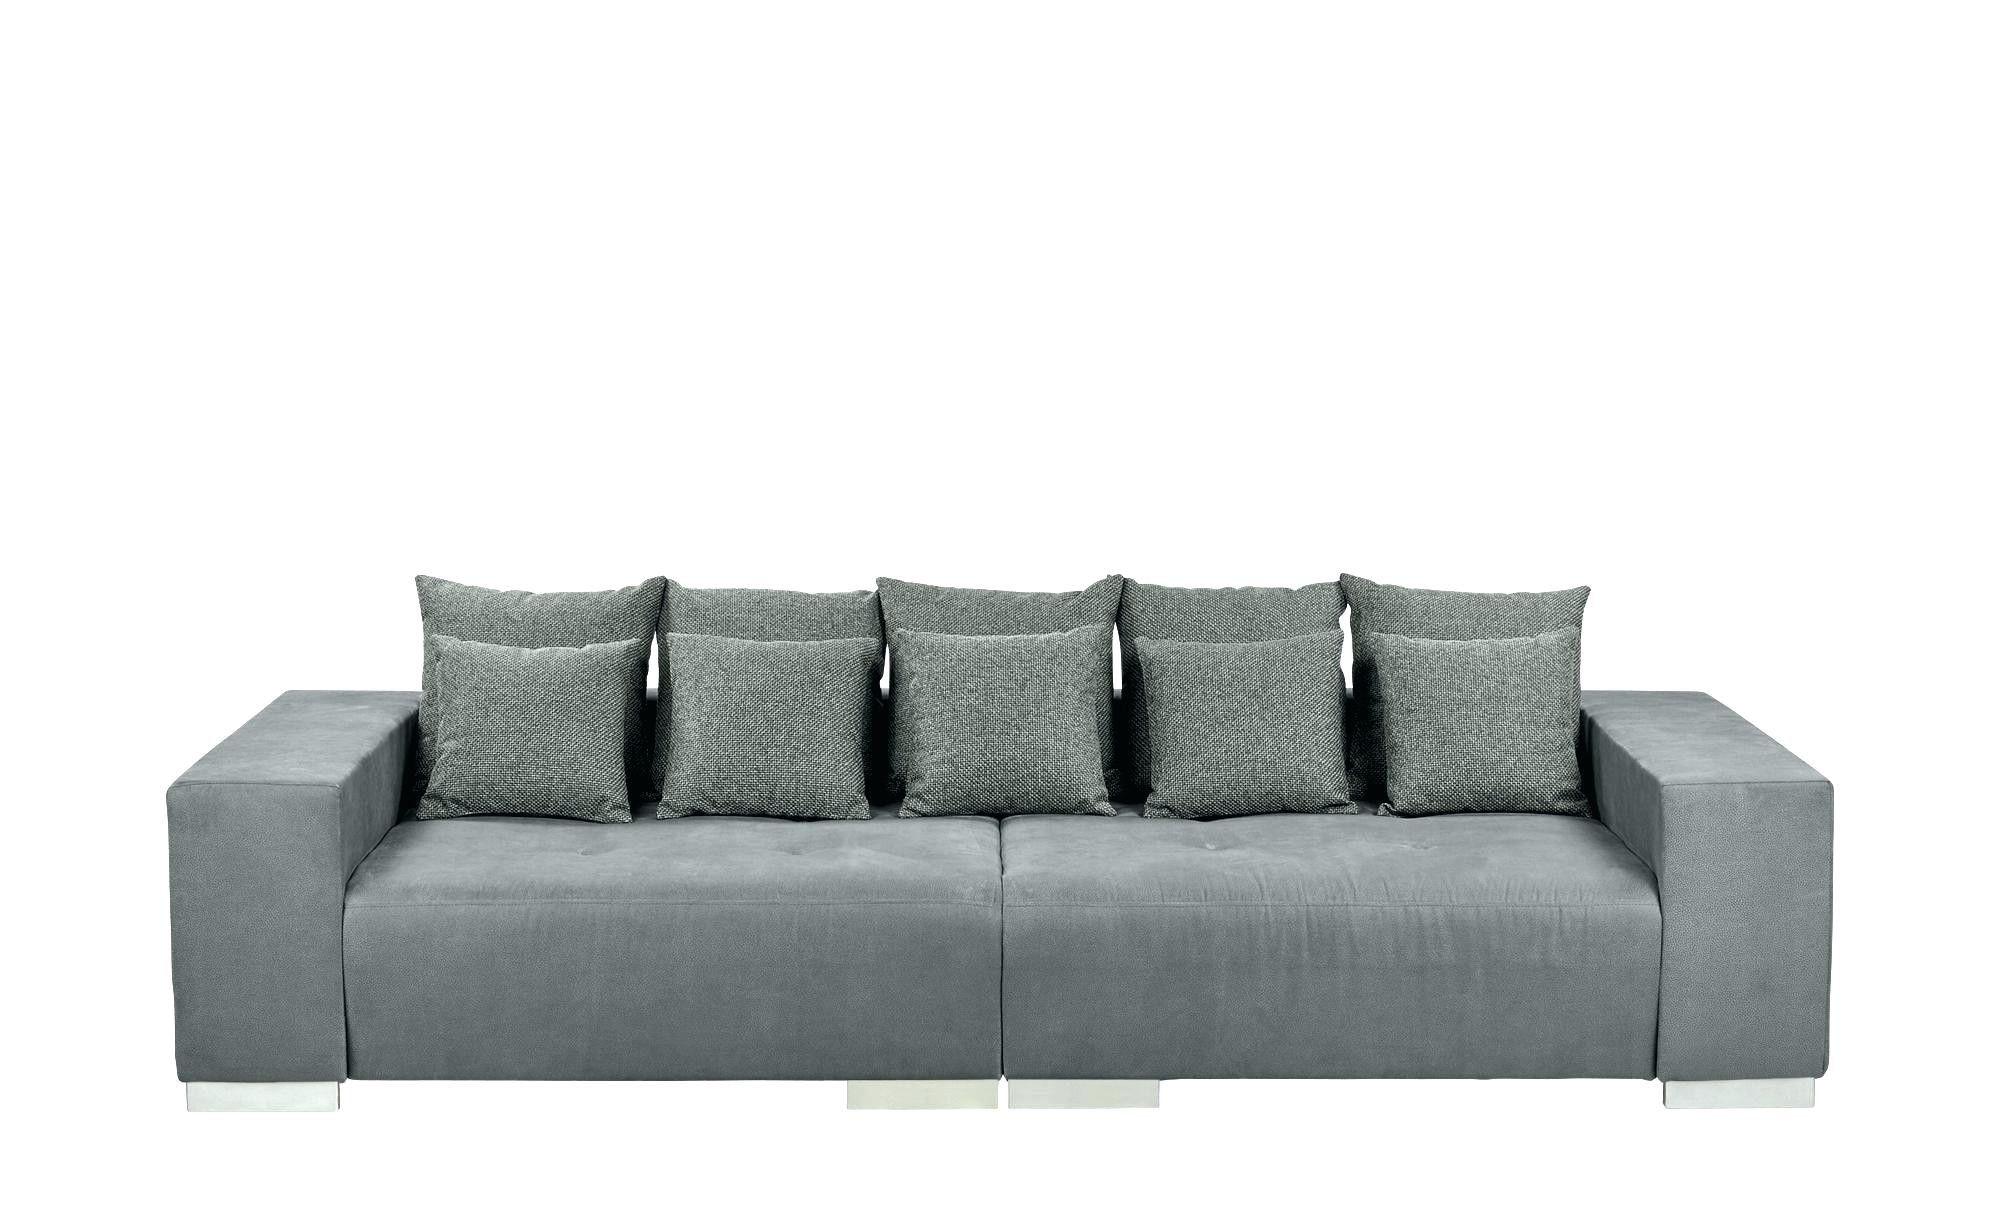 Ausgezeichnet Poco Domane Schlafsofa 99 Outdoor Decor Outdoor Furniture Outdoor Furniture Sets